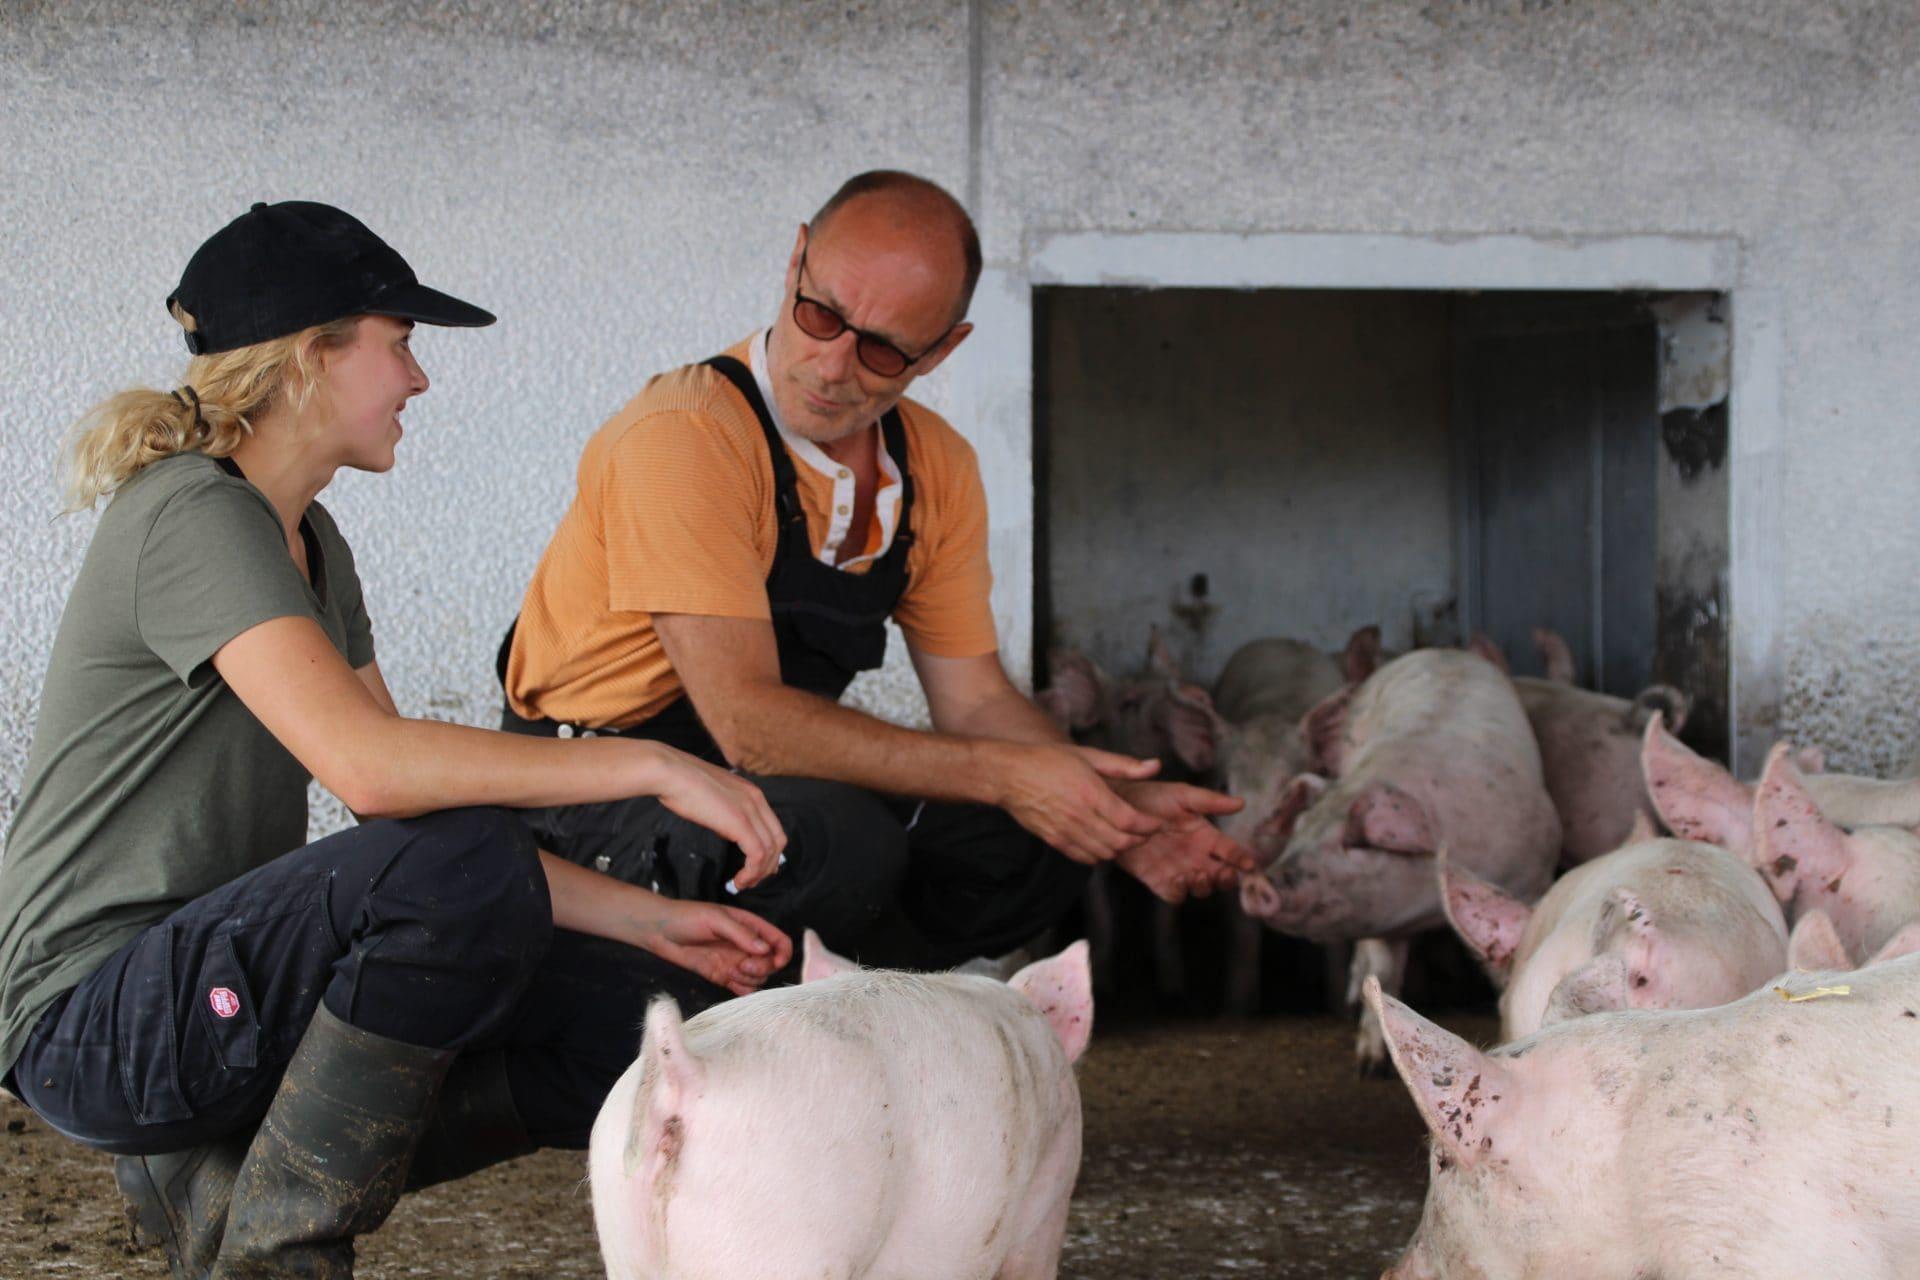 Dyrlæge Niels Peter snakker med tidligere elev Esther M Bertelsen om slagtegrise